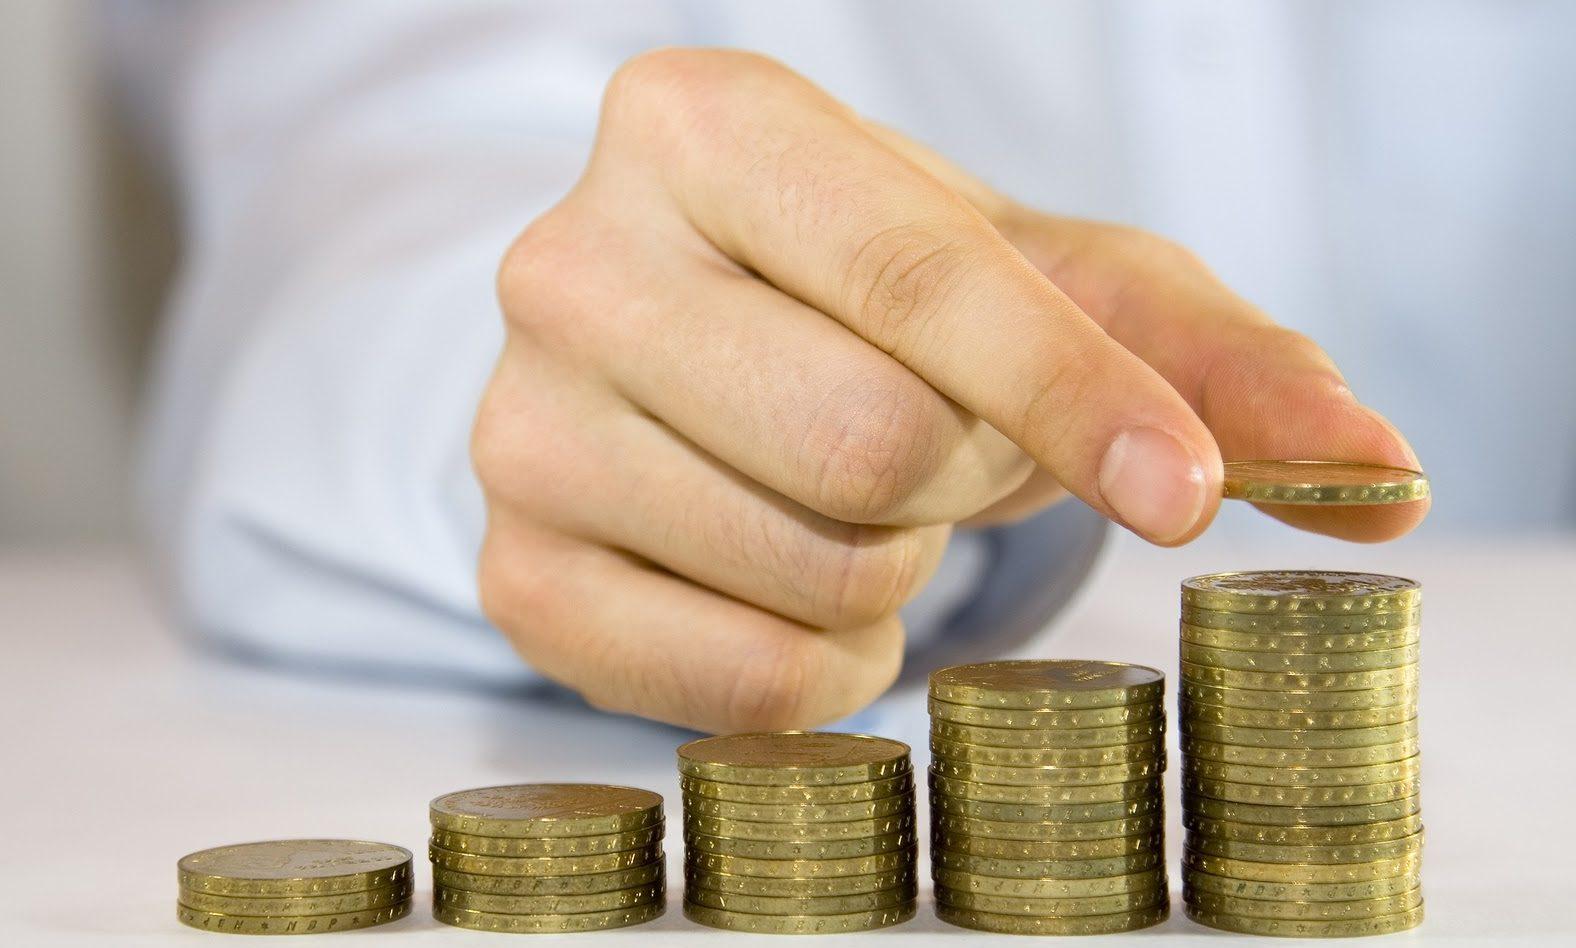 hogyan lehet pénzt keresni a ház körül